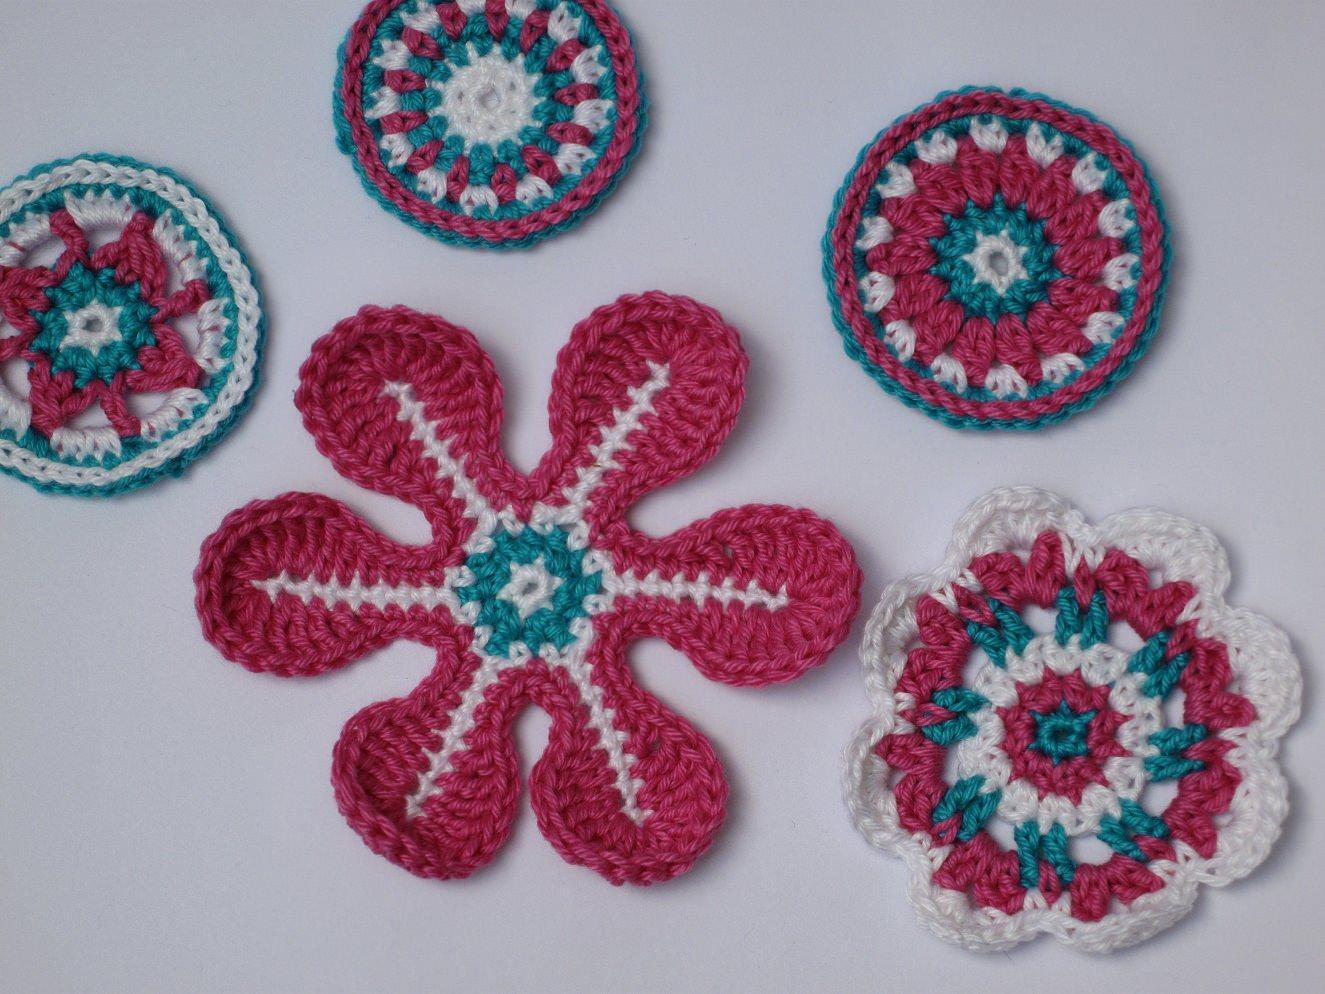 - Applikations Set: Häkelblumen, Rosetten in : Weiß, Pink, Türkis - Applikations Set: Häkelblumen, Rosetten in : Weiß, Pink, Türkis